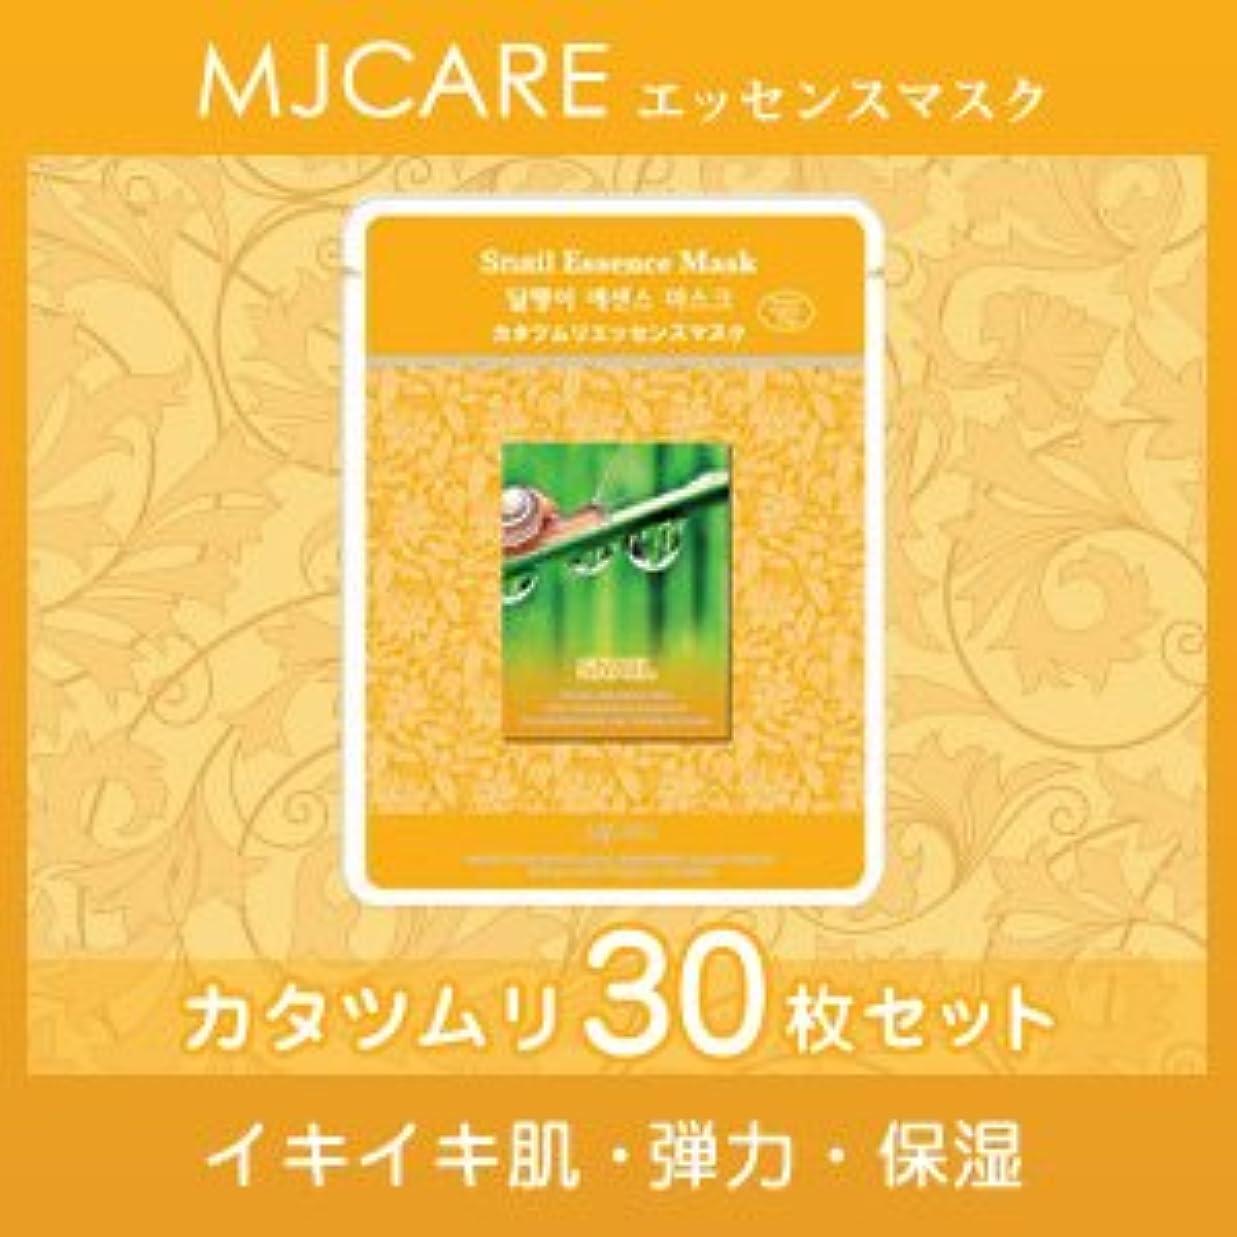 赤外線粘り強い変換するMJCARE (エムジェイケア) かたつむり エッセンスマスク 30セット